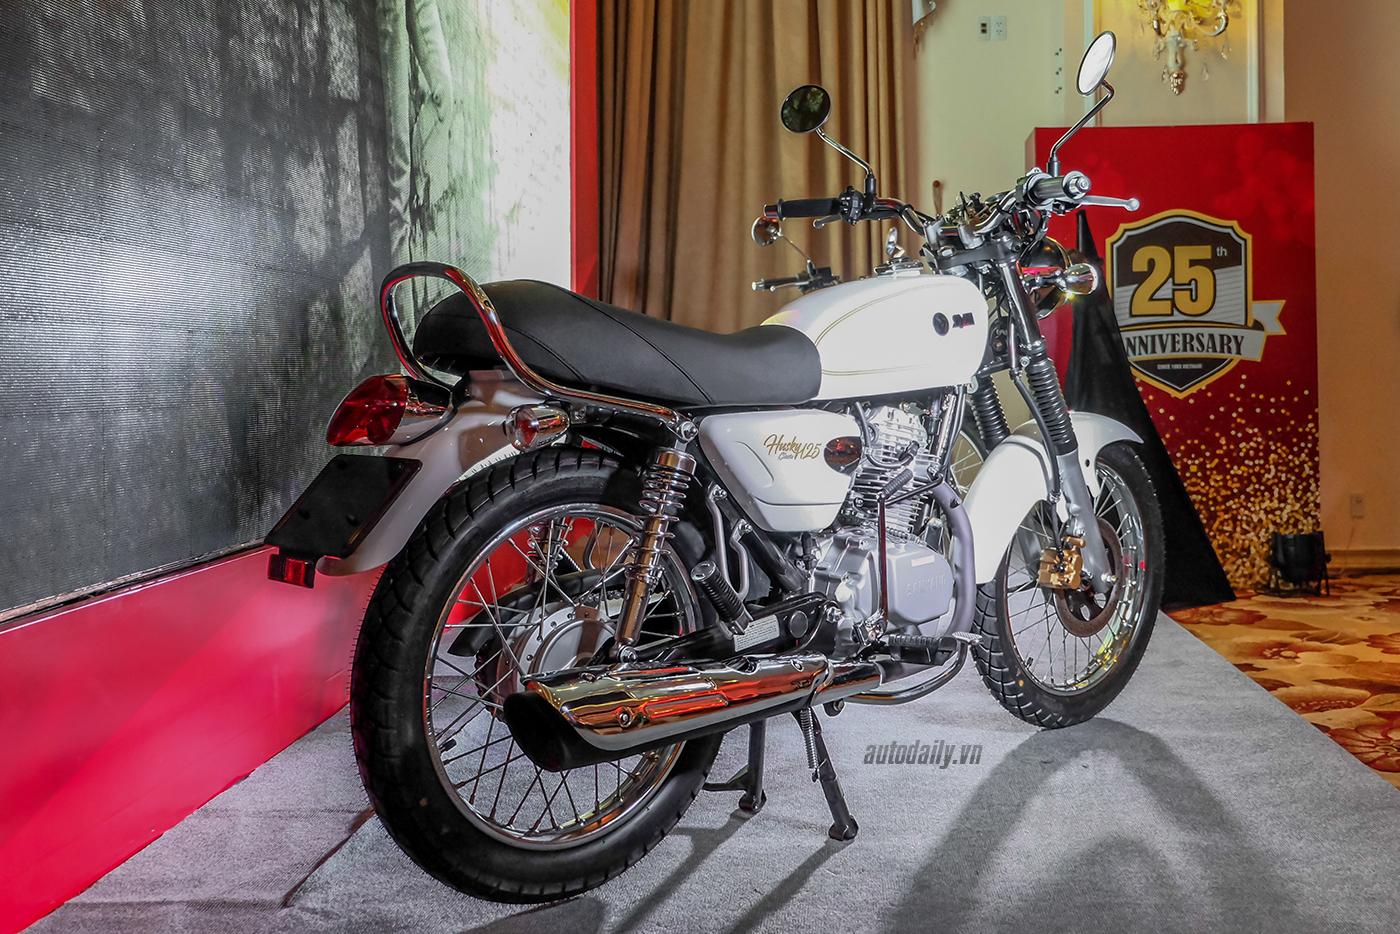 sym-husky-125-classic-25.jpg